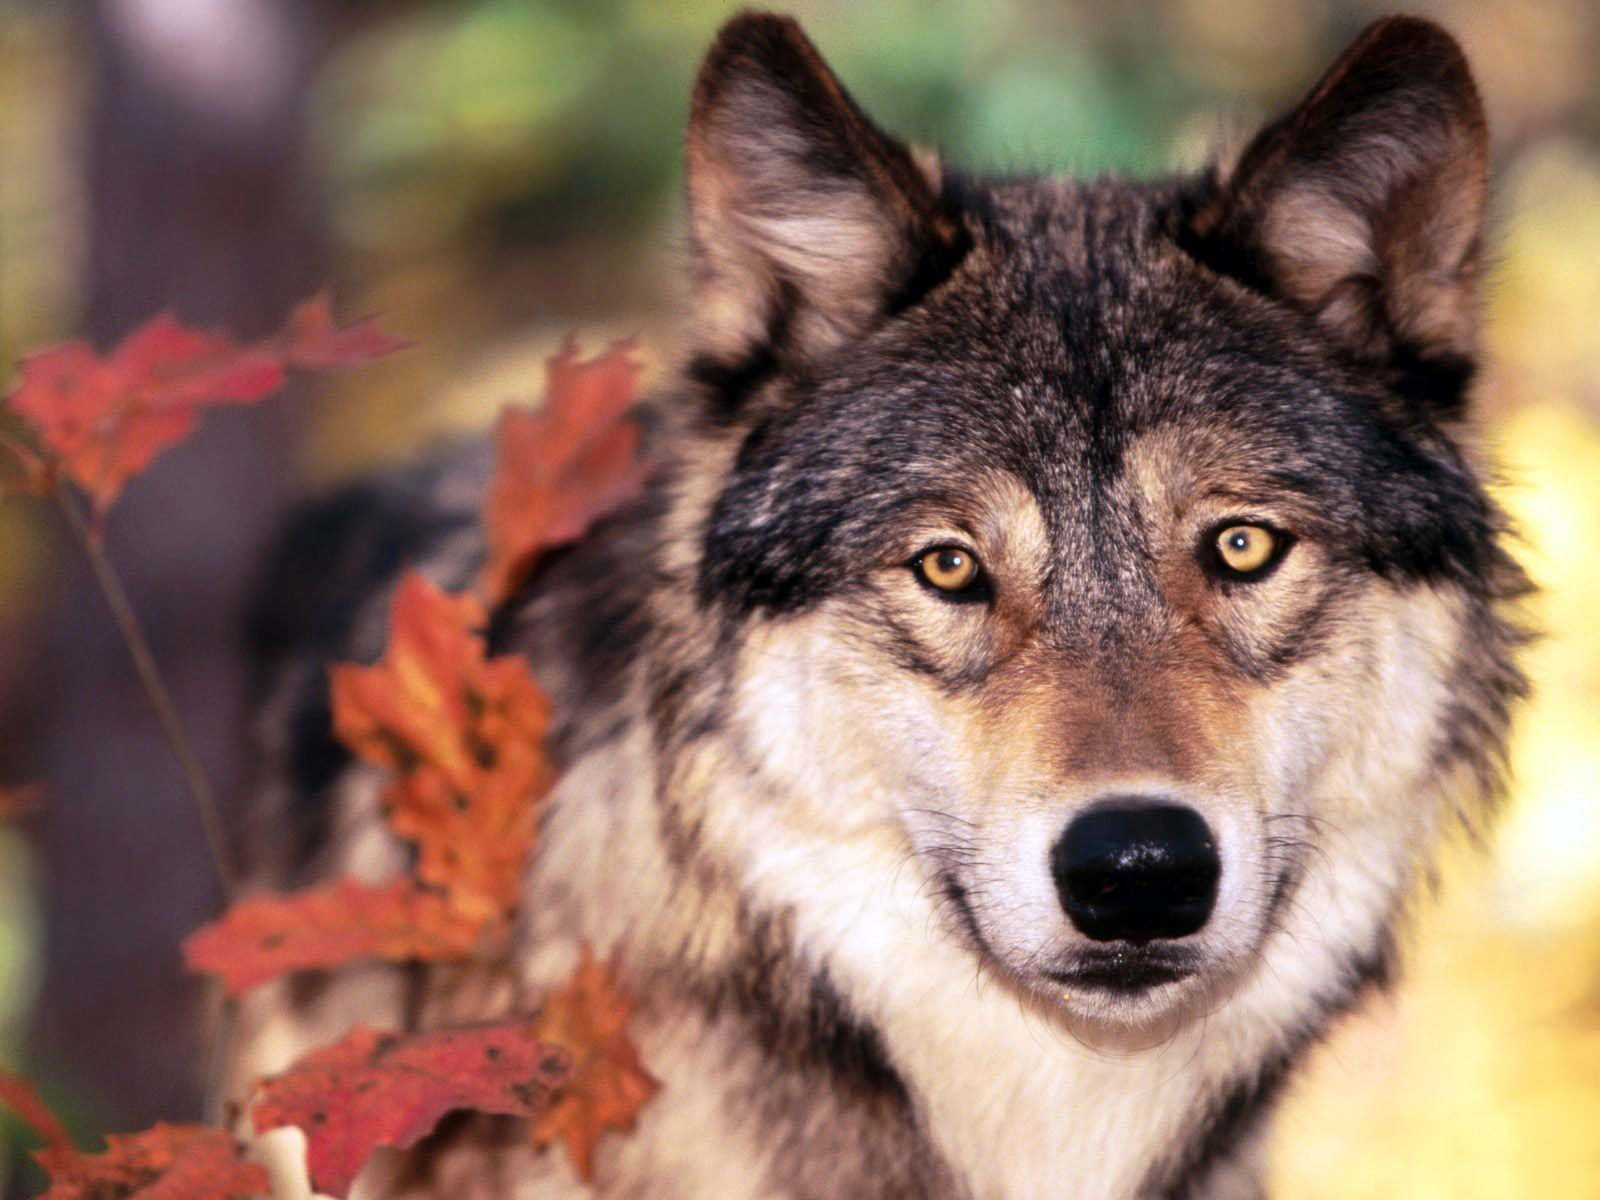 качественные картинки с волками нее редко